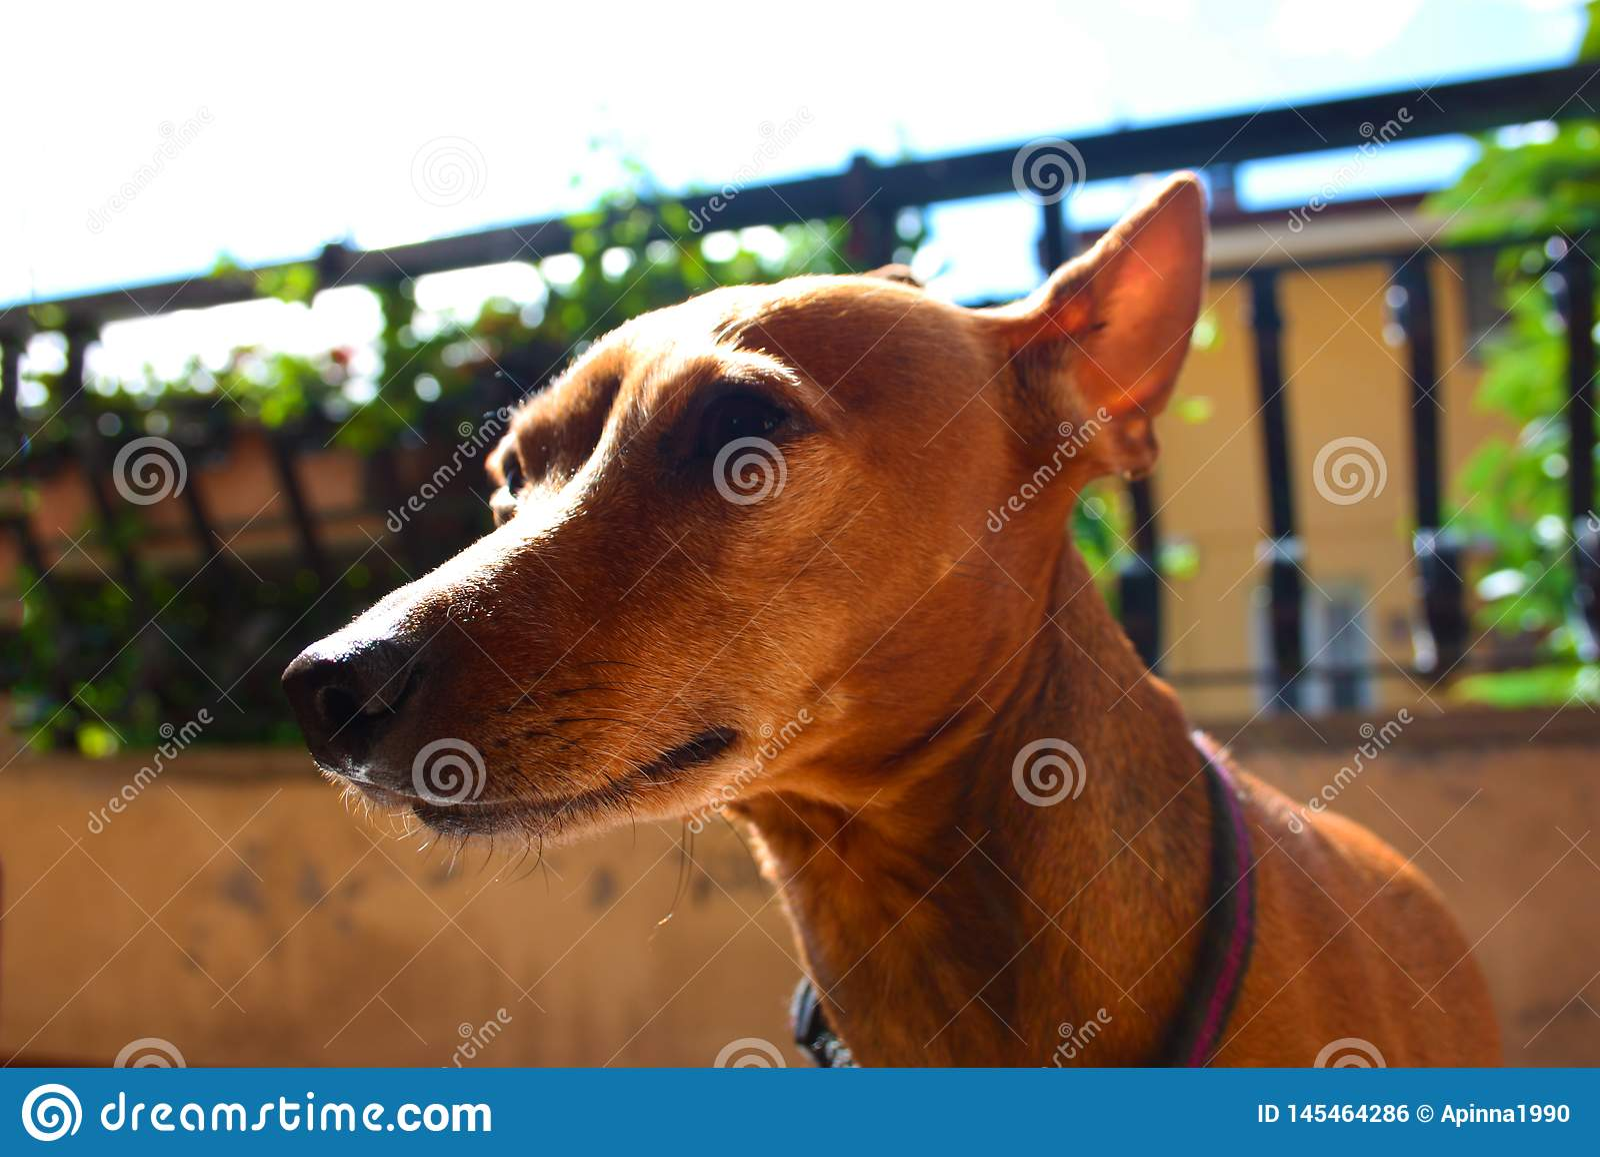 E animal dom?stico en la terraza de la casa en donde ?l vive orgulloso pinscher femenino del zwerg rojo o marr?n